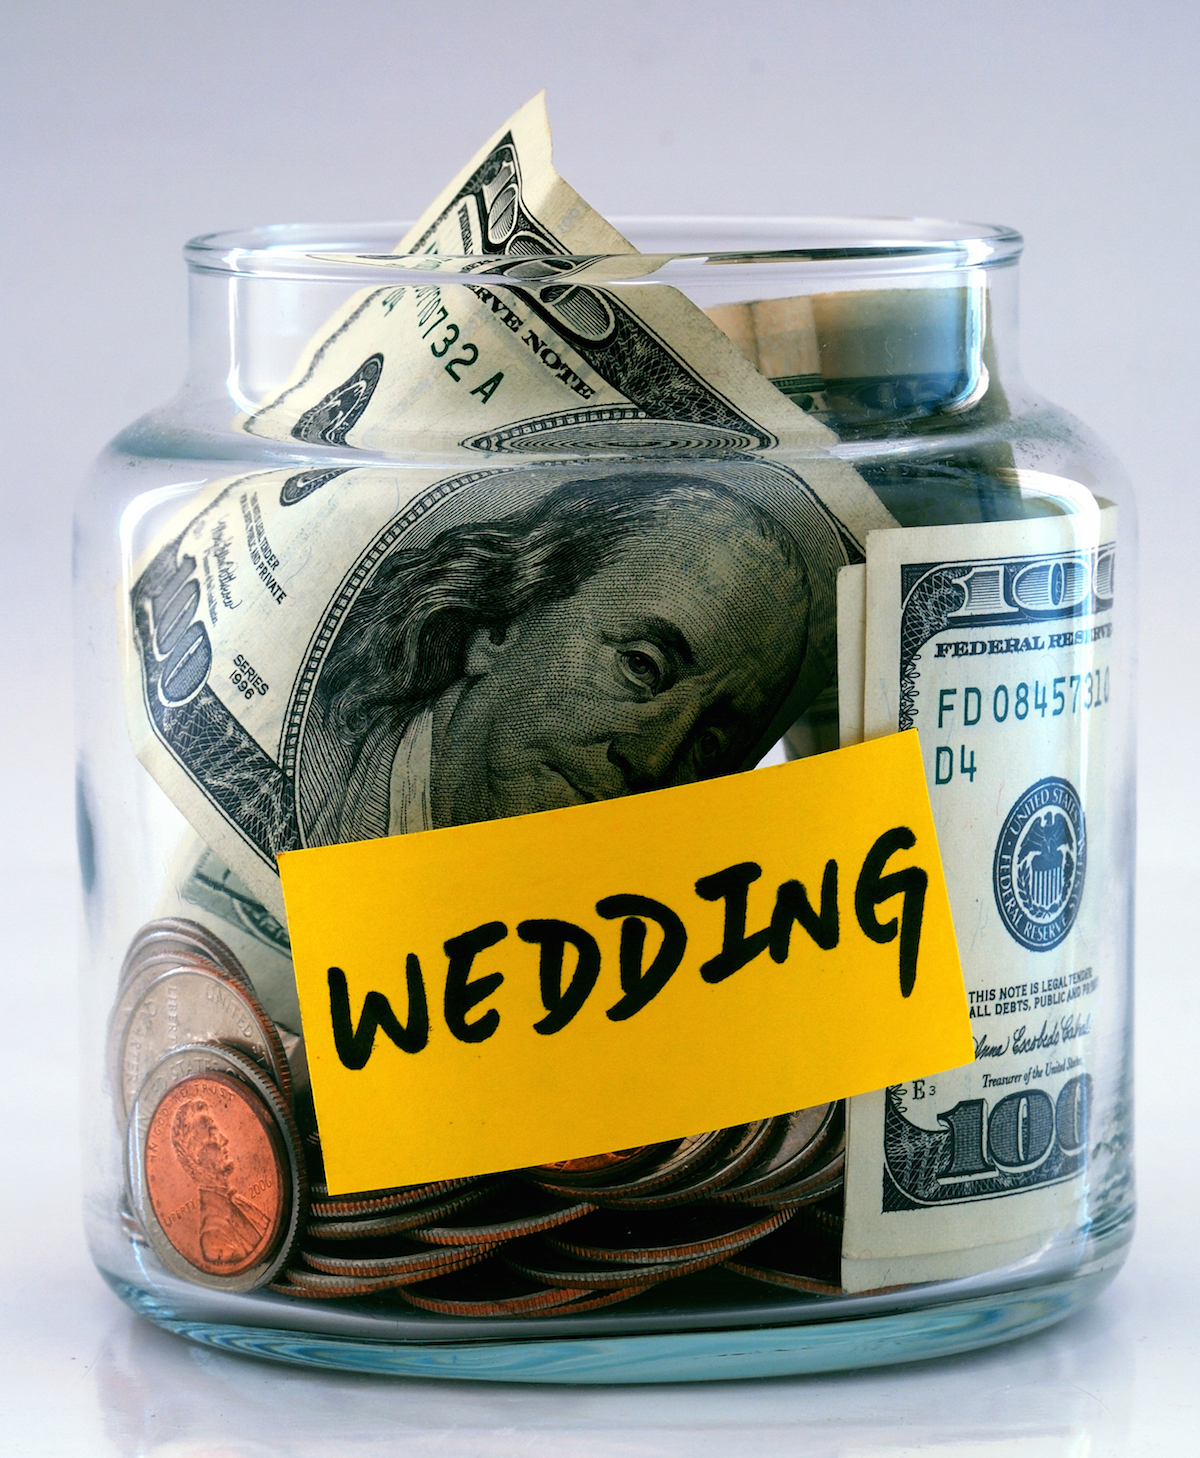 Wedding fund photo via Shutterstock